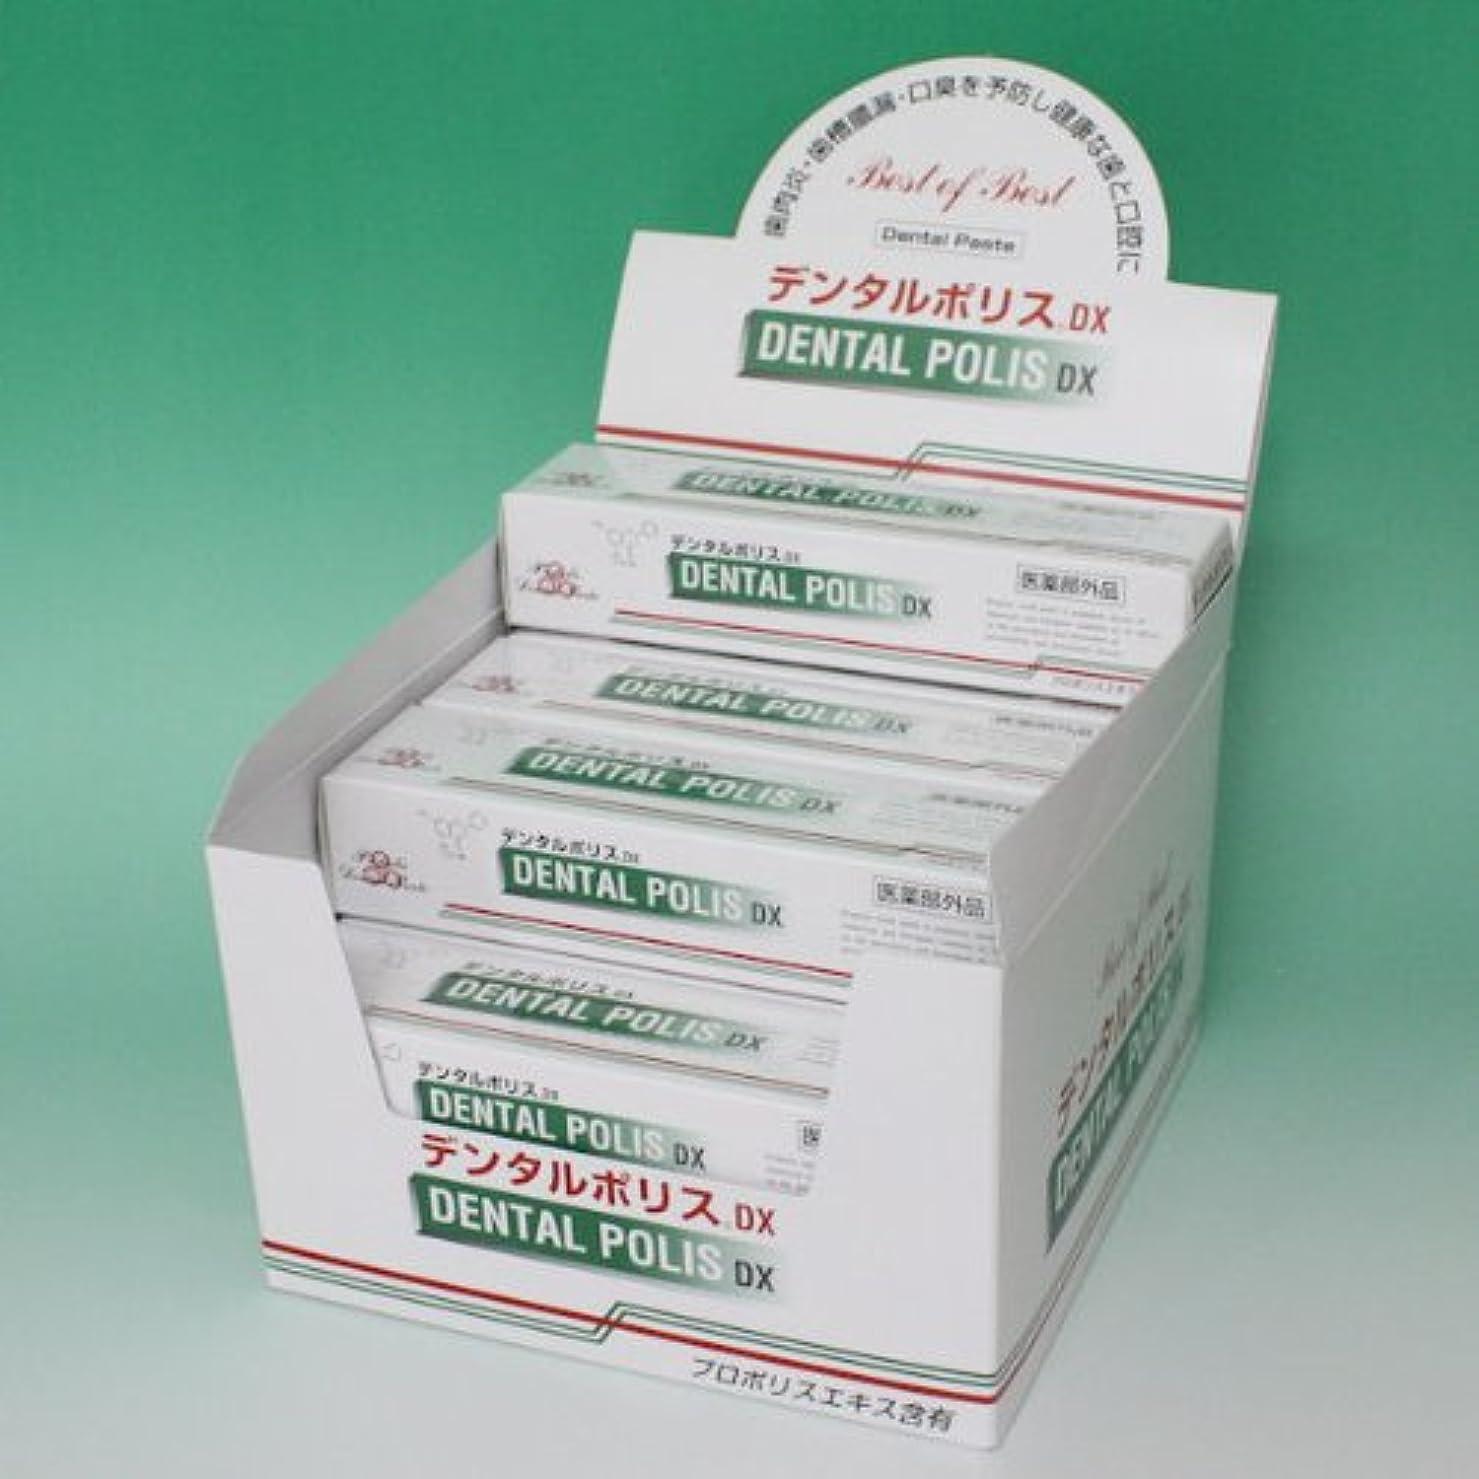 ホバー抽象化無意識デンタルポリスDX 80g  12本セット 医薬部外品  歯みがき 8gサンプル2本 進呈!